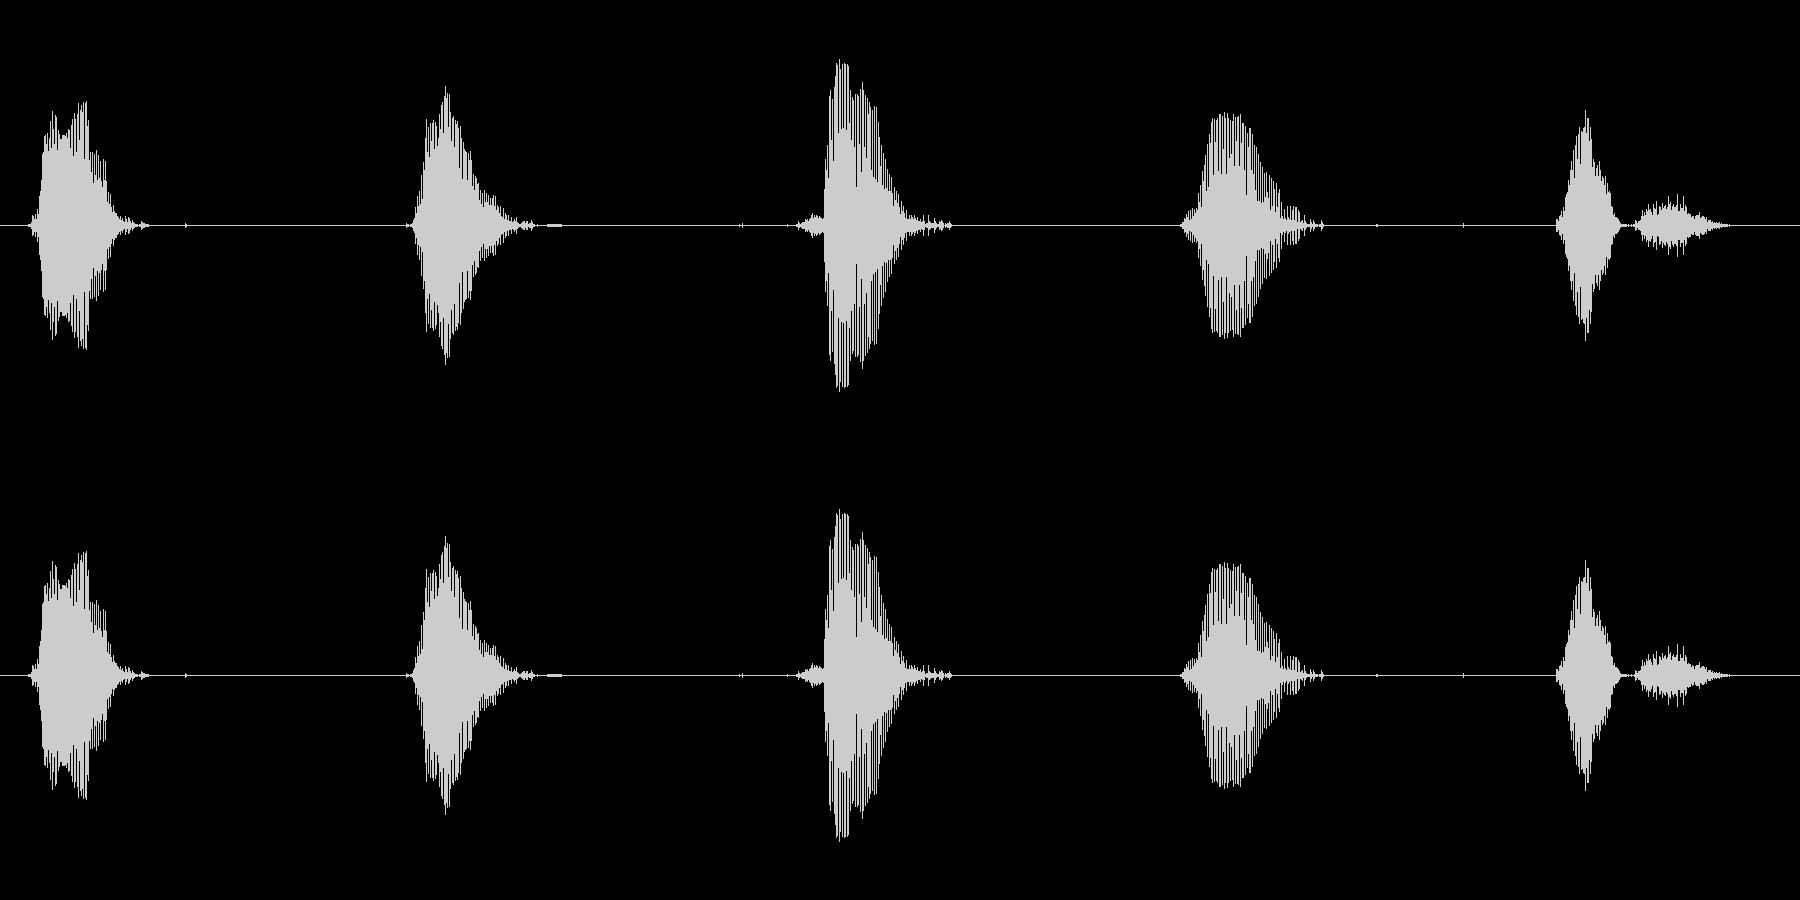 5~1までカウントダウンしたセリフです。の未再生の波形